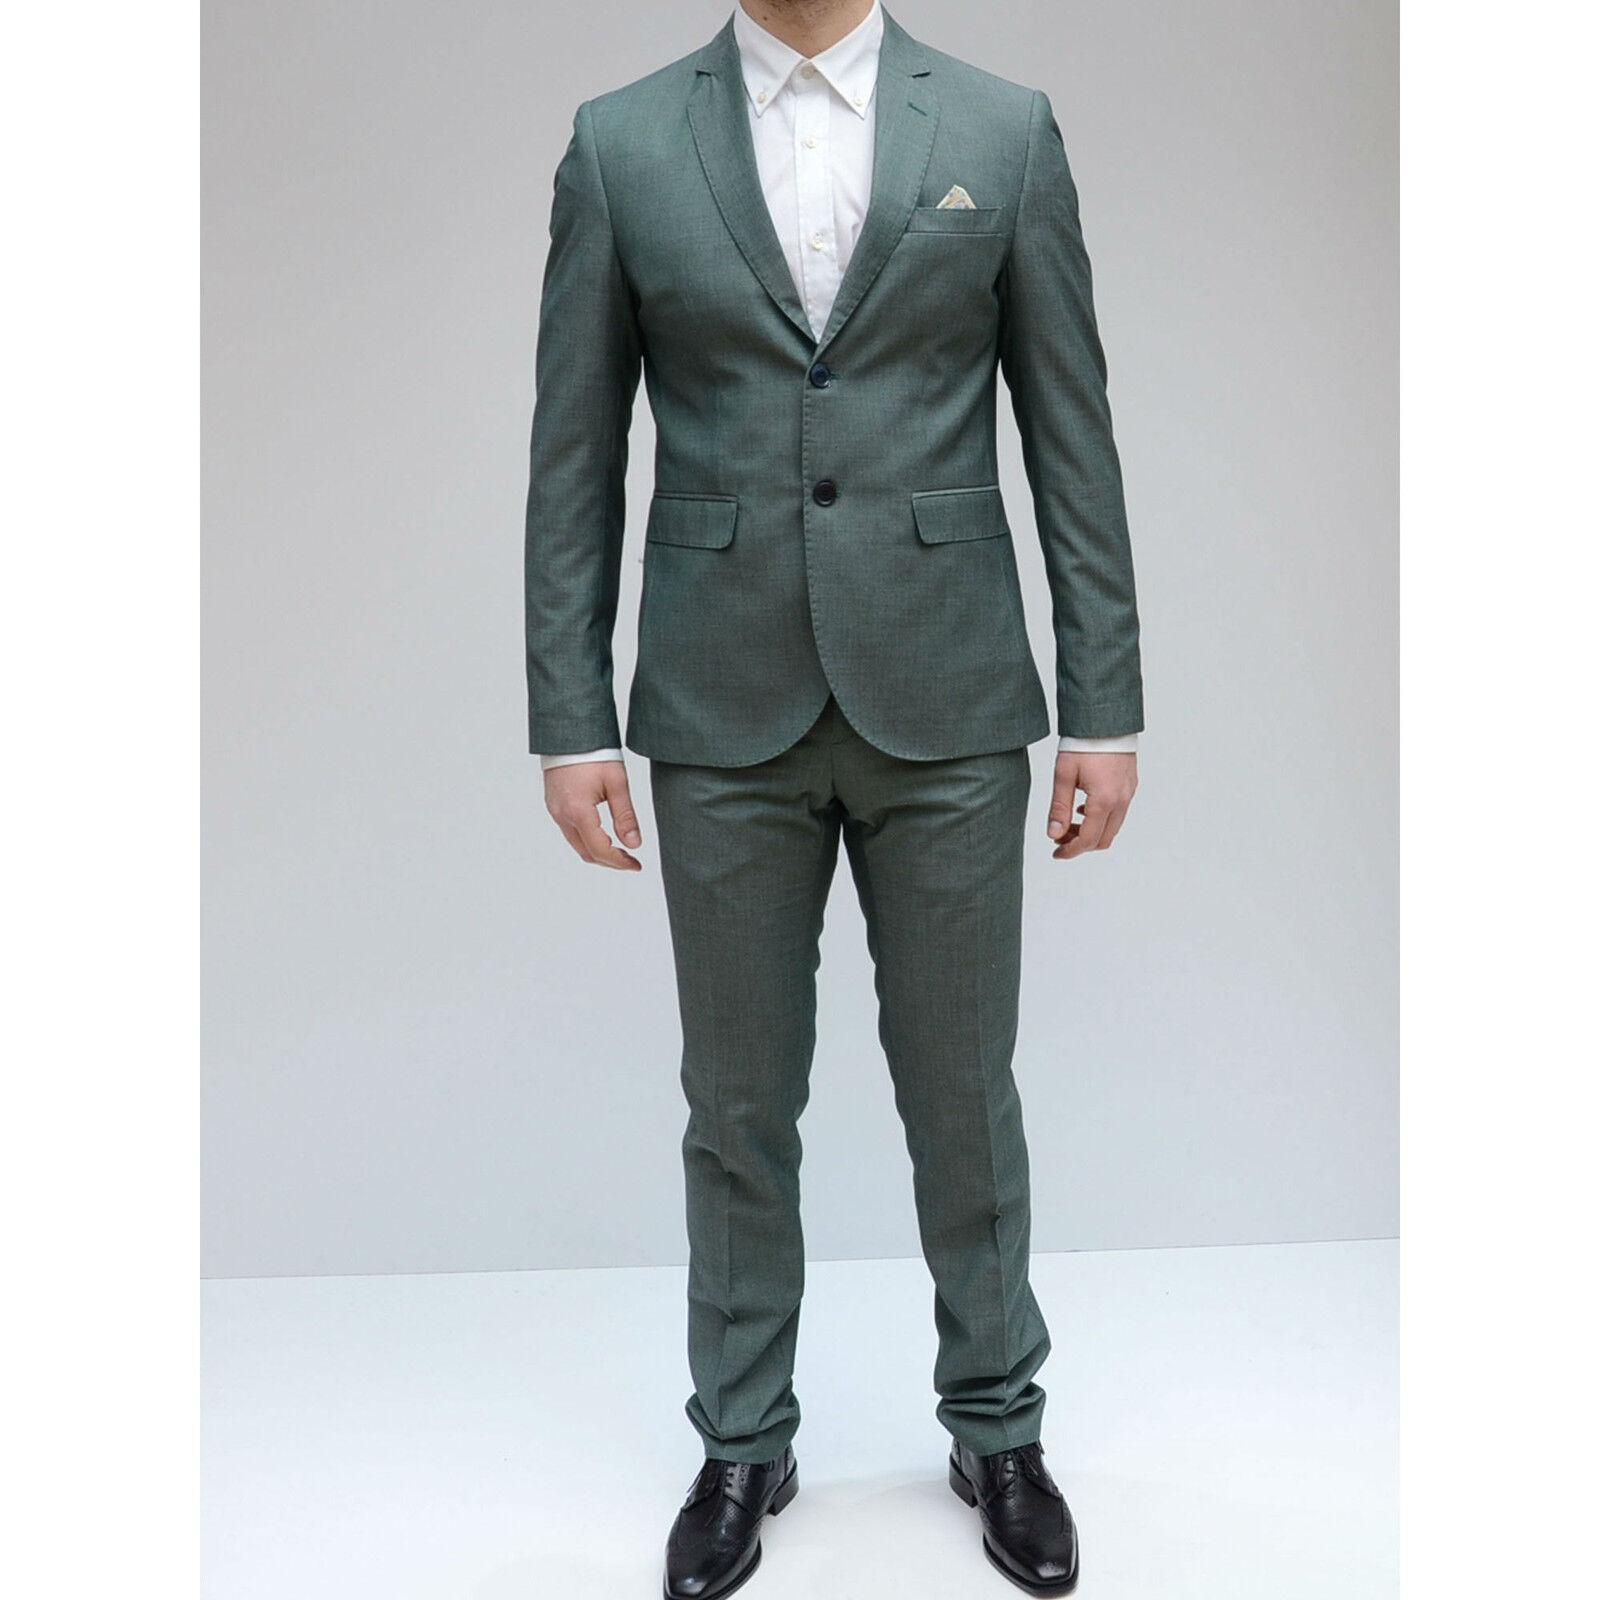 Abito men Monopetto Vincent green Completo elegante giacca pantalone